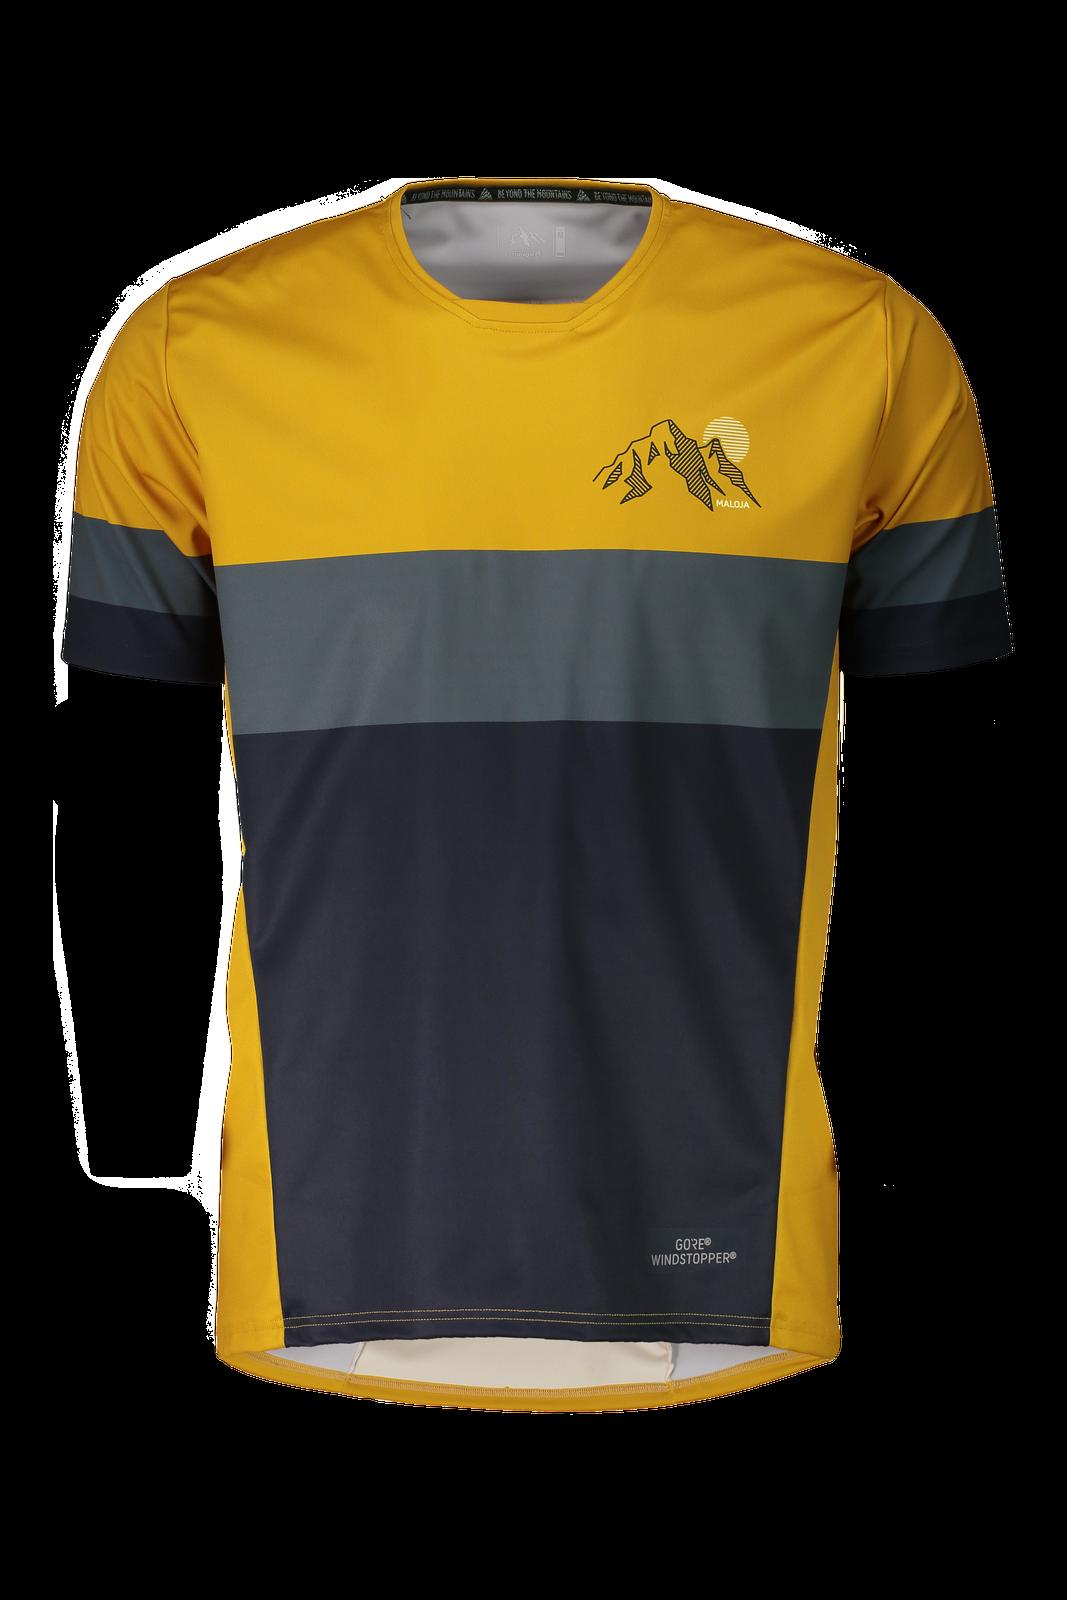 Maloja Multi Maglietta Sportiva Camicia Funzionale Giallo Reifingm. Polygiene